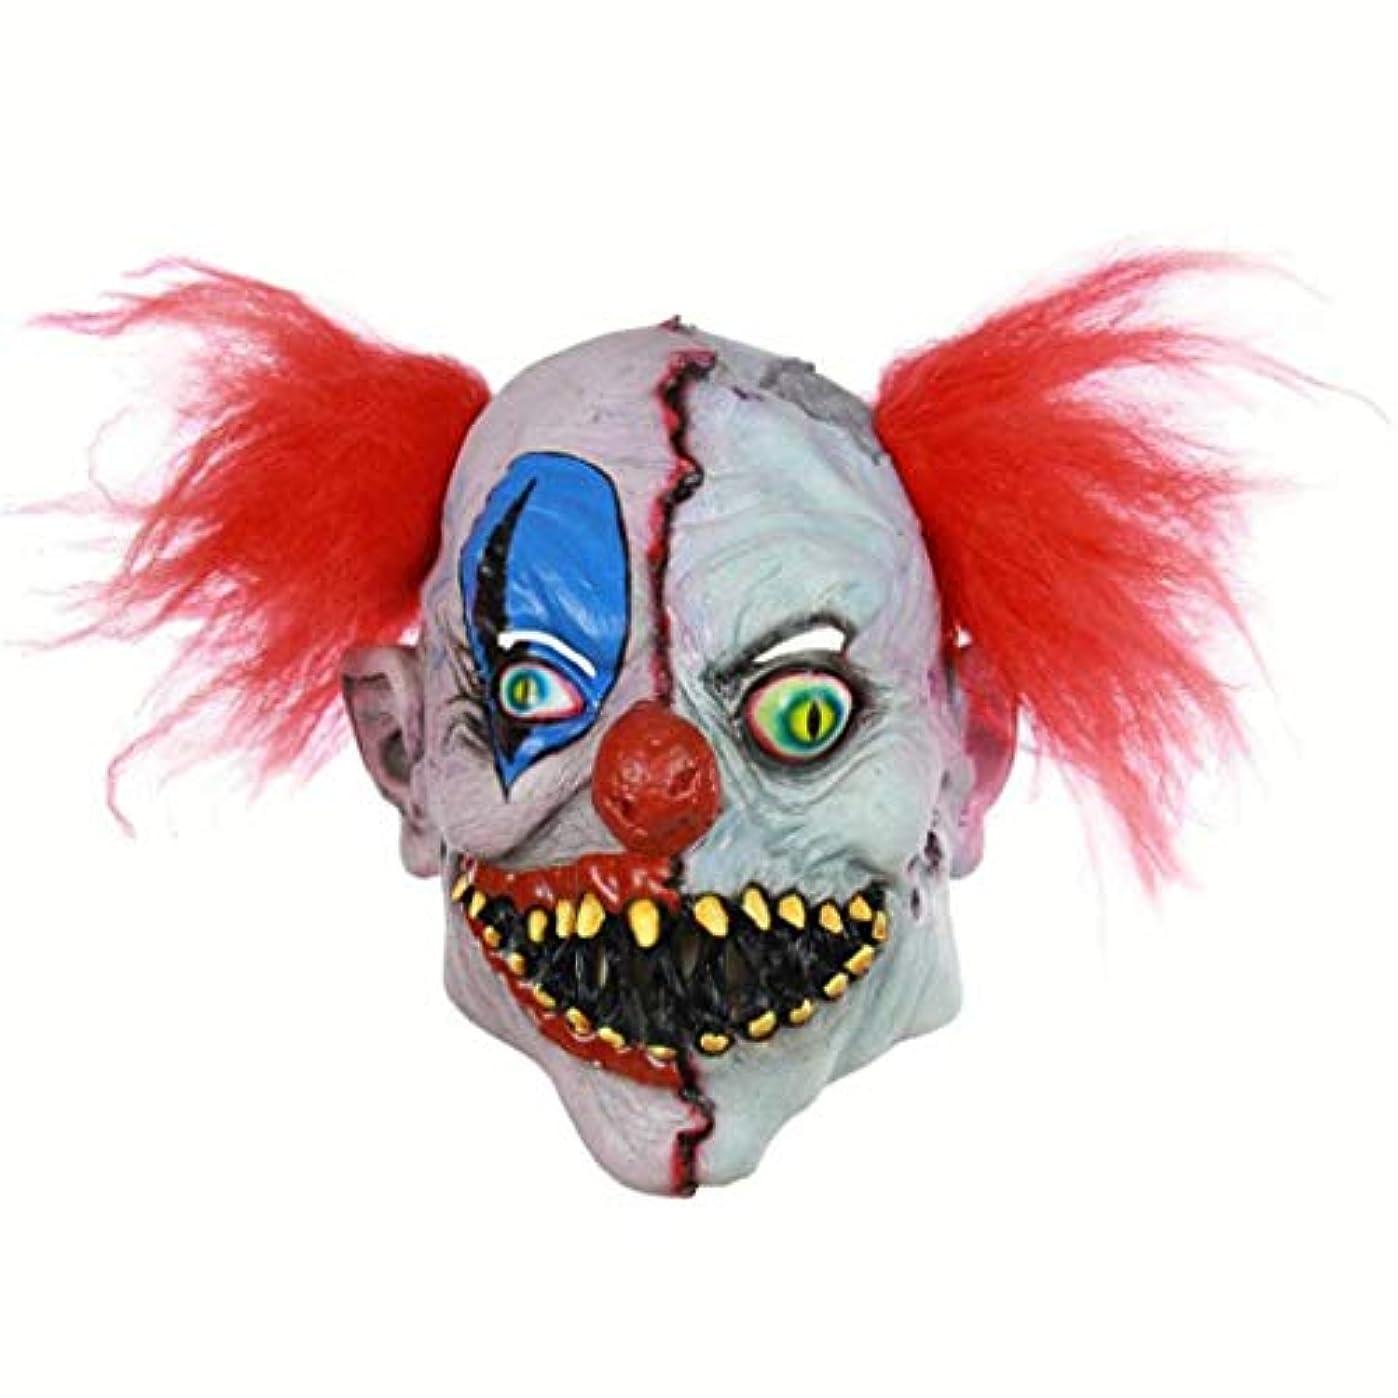 集中膿瘍長いですハロウィンホラー腐った顔ピエロラテックスゴーストマスクしかめっ面マスクパーティーマスク映画小道具仮面舞踏会マスク